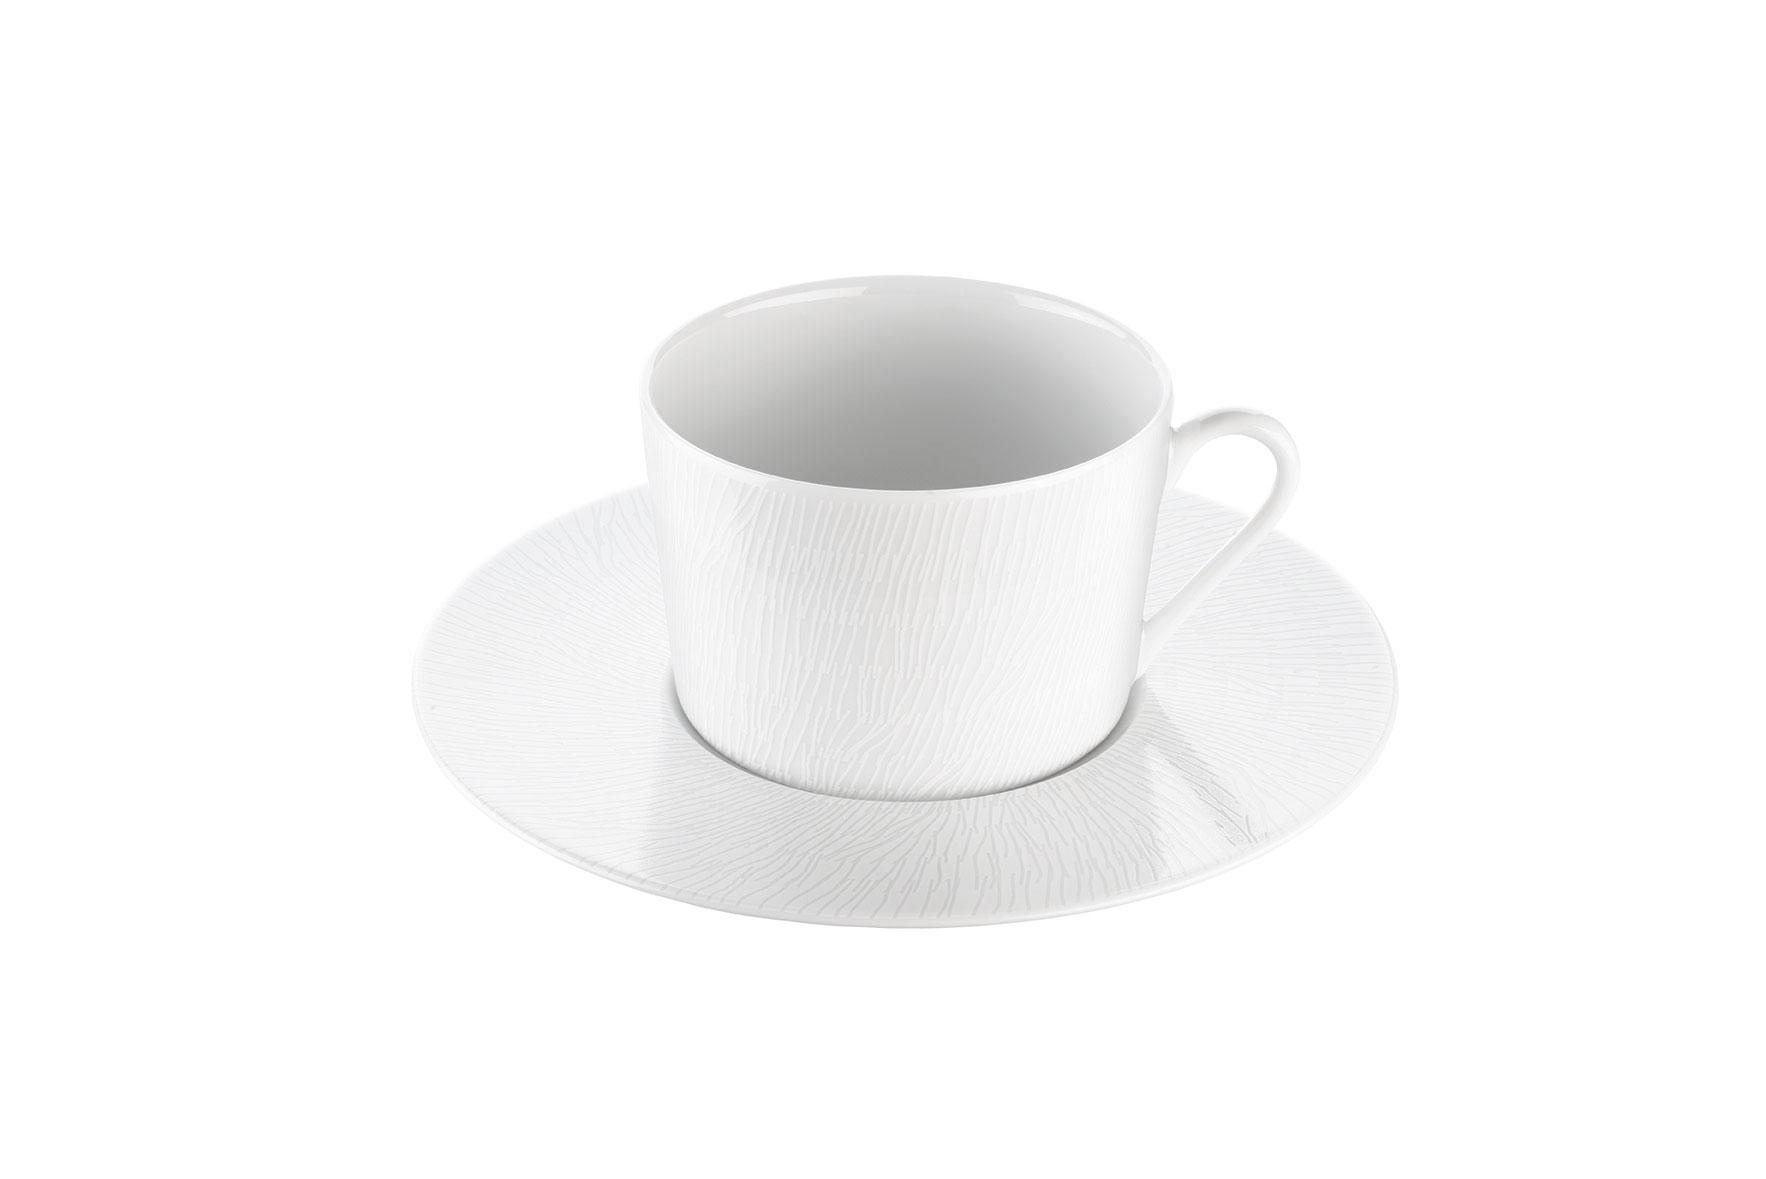 Tasse et sous tasse thé en porcelaine décorée 22 cl - Lot de 6